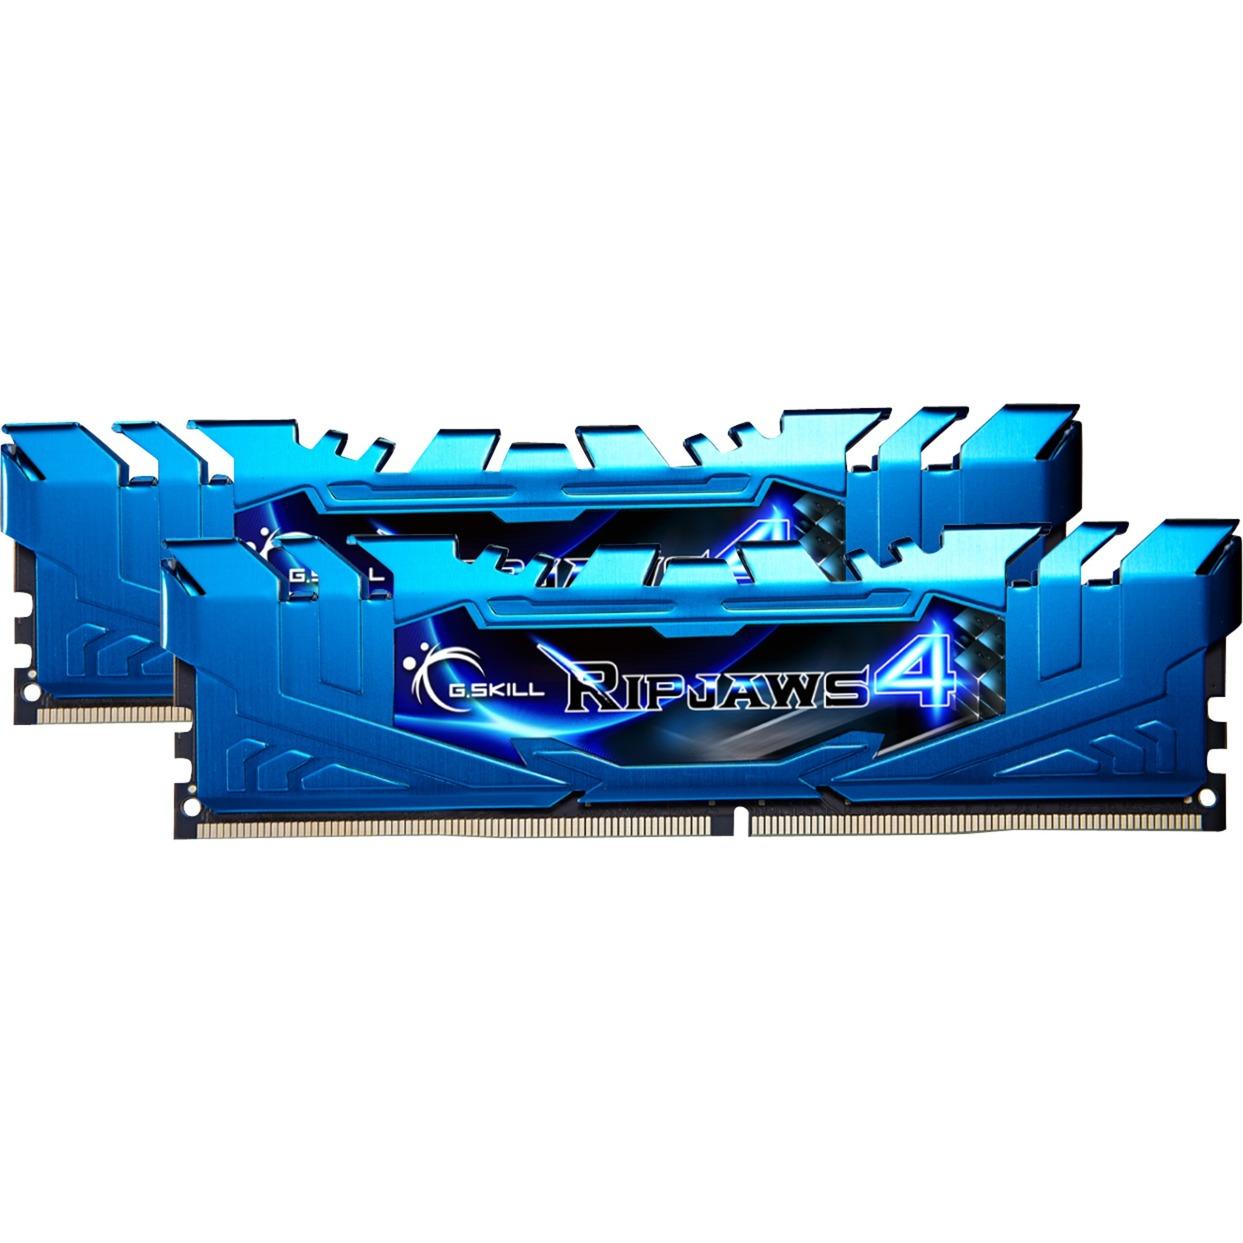 D4 8Go 3000-15 Ripjaws 4 Blue K2, Mémoire